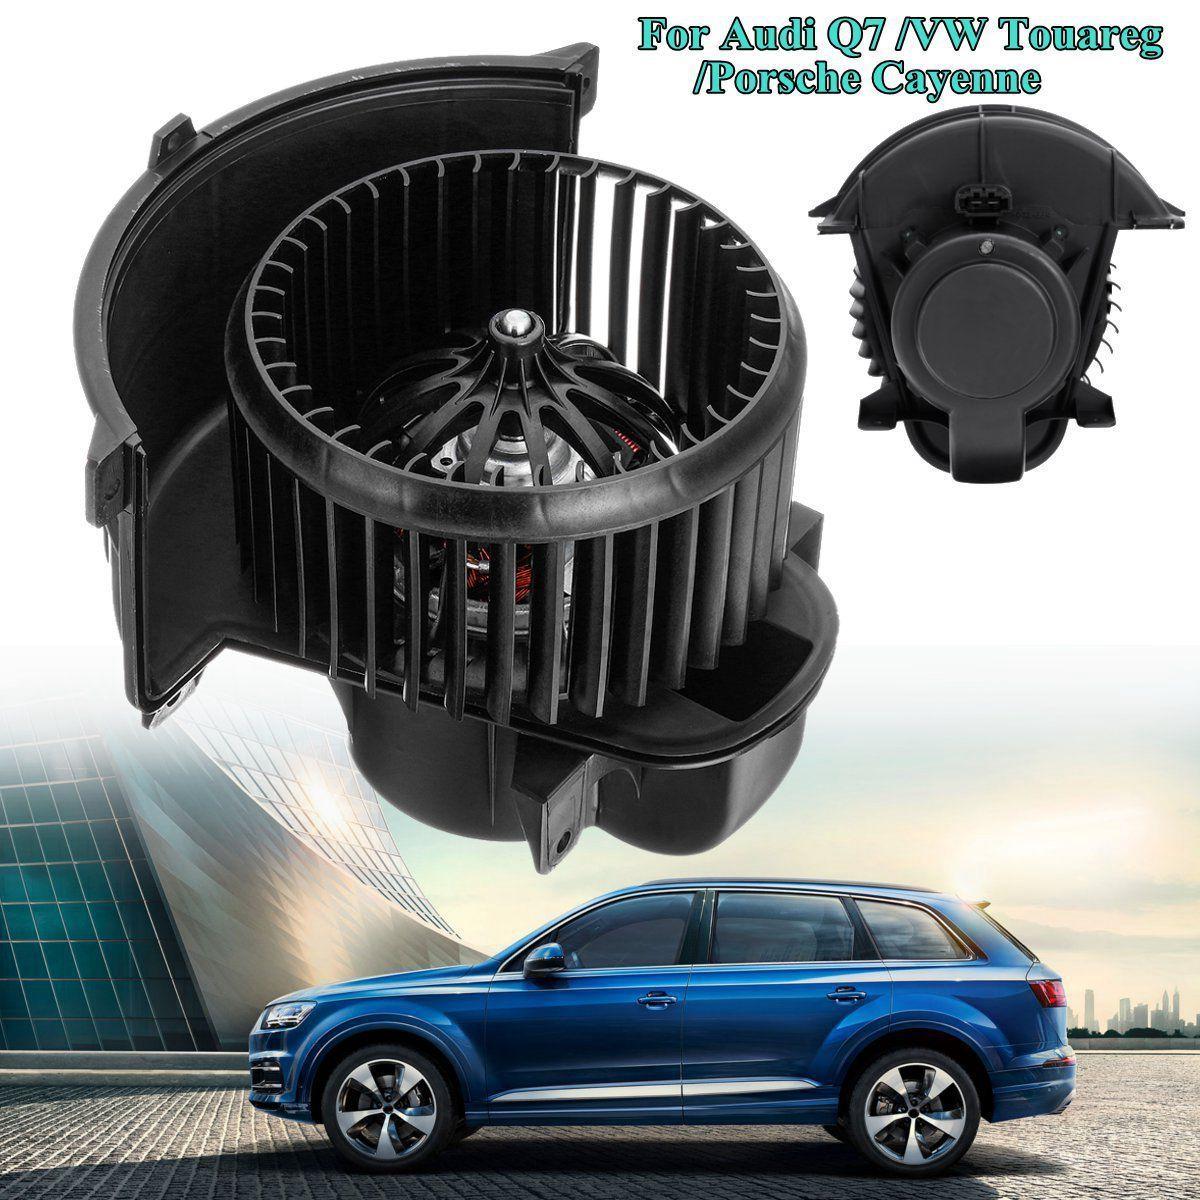 Heater Blower Motor w// Cage Front Fit Audi Q7 Volkswagen Touareg Porsche Cayenne